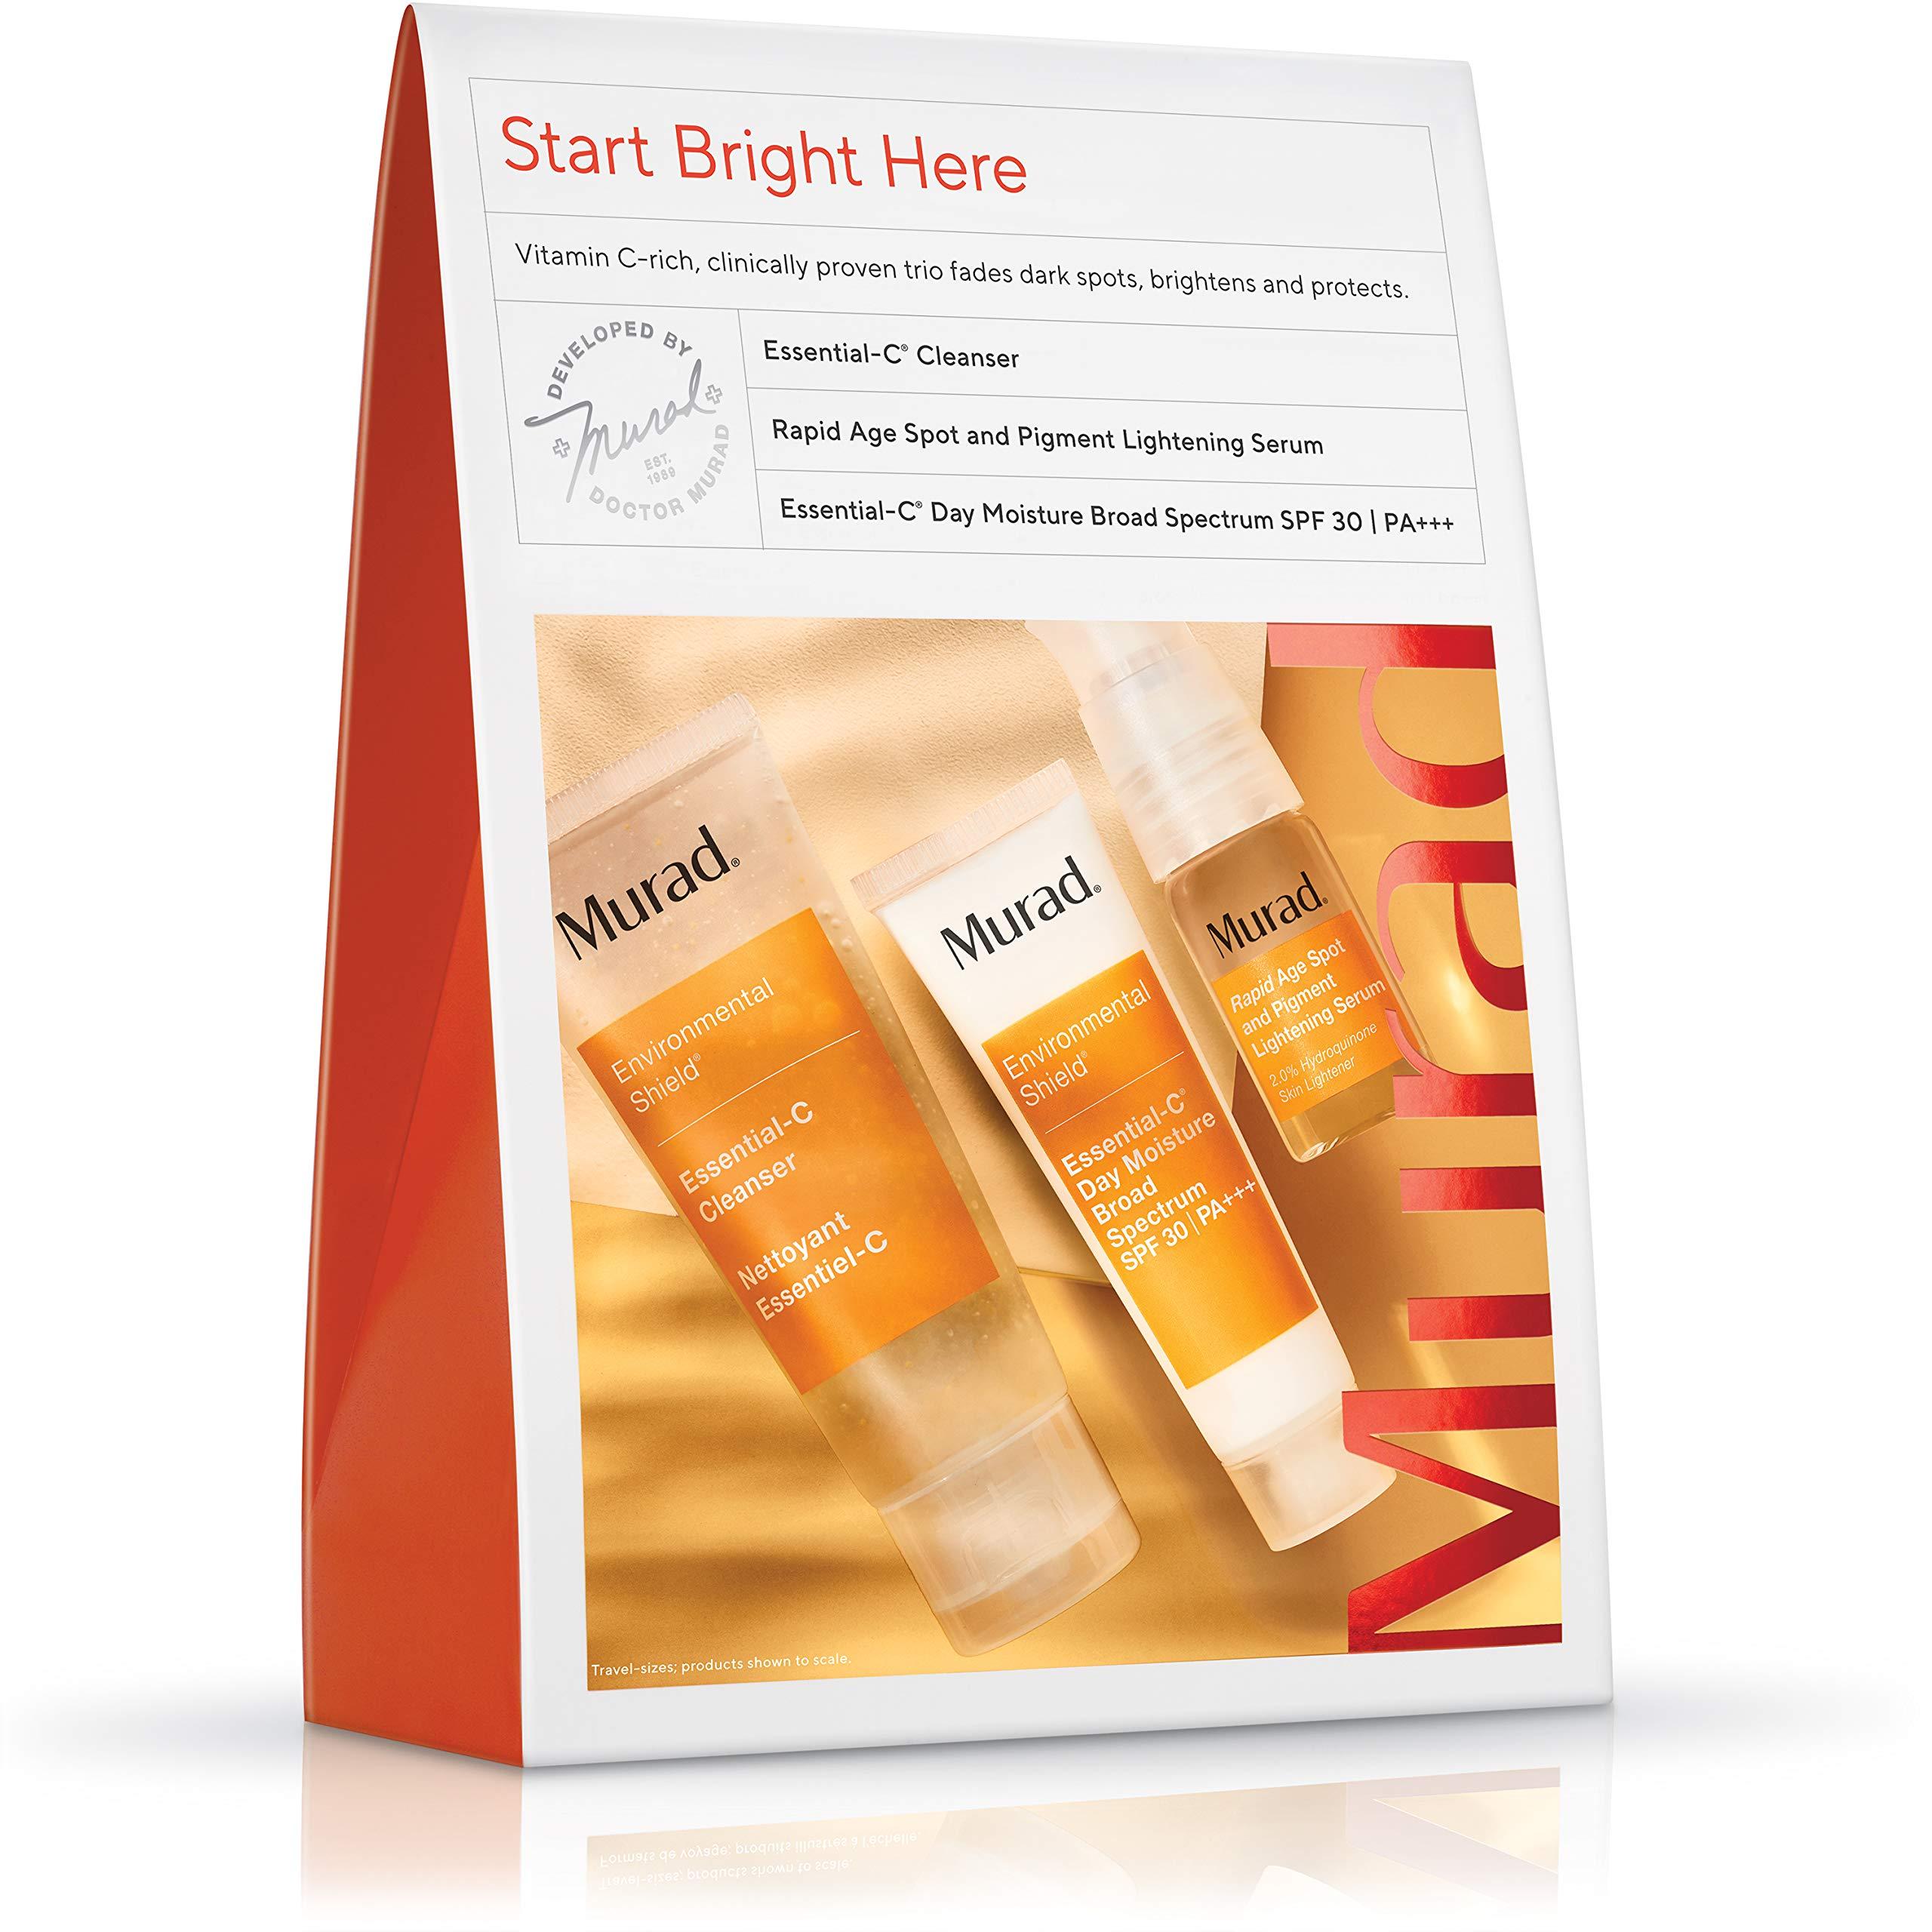 Murad Start Bright Here Kit by Murad